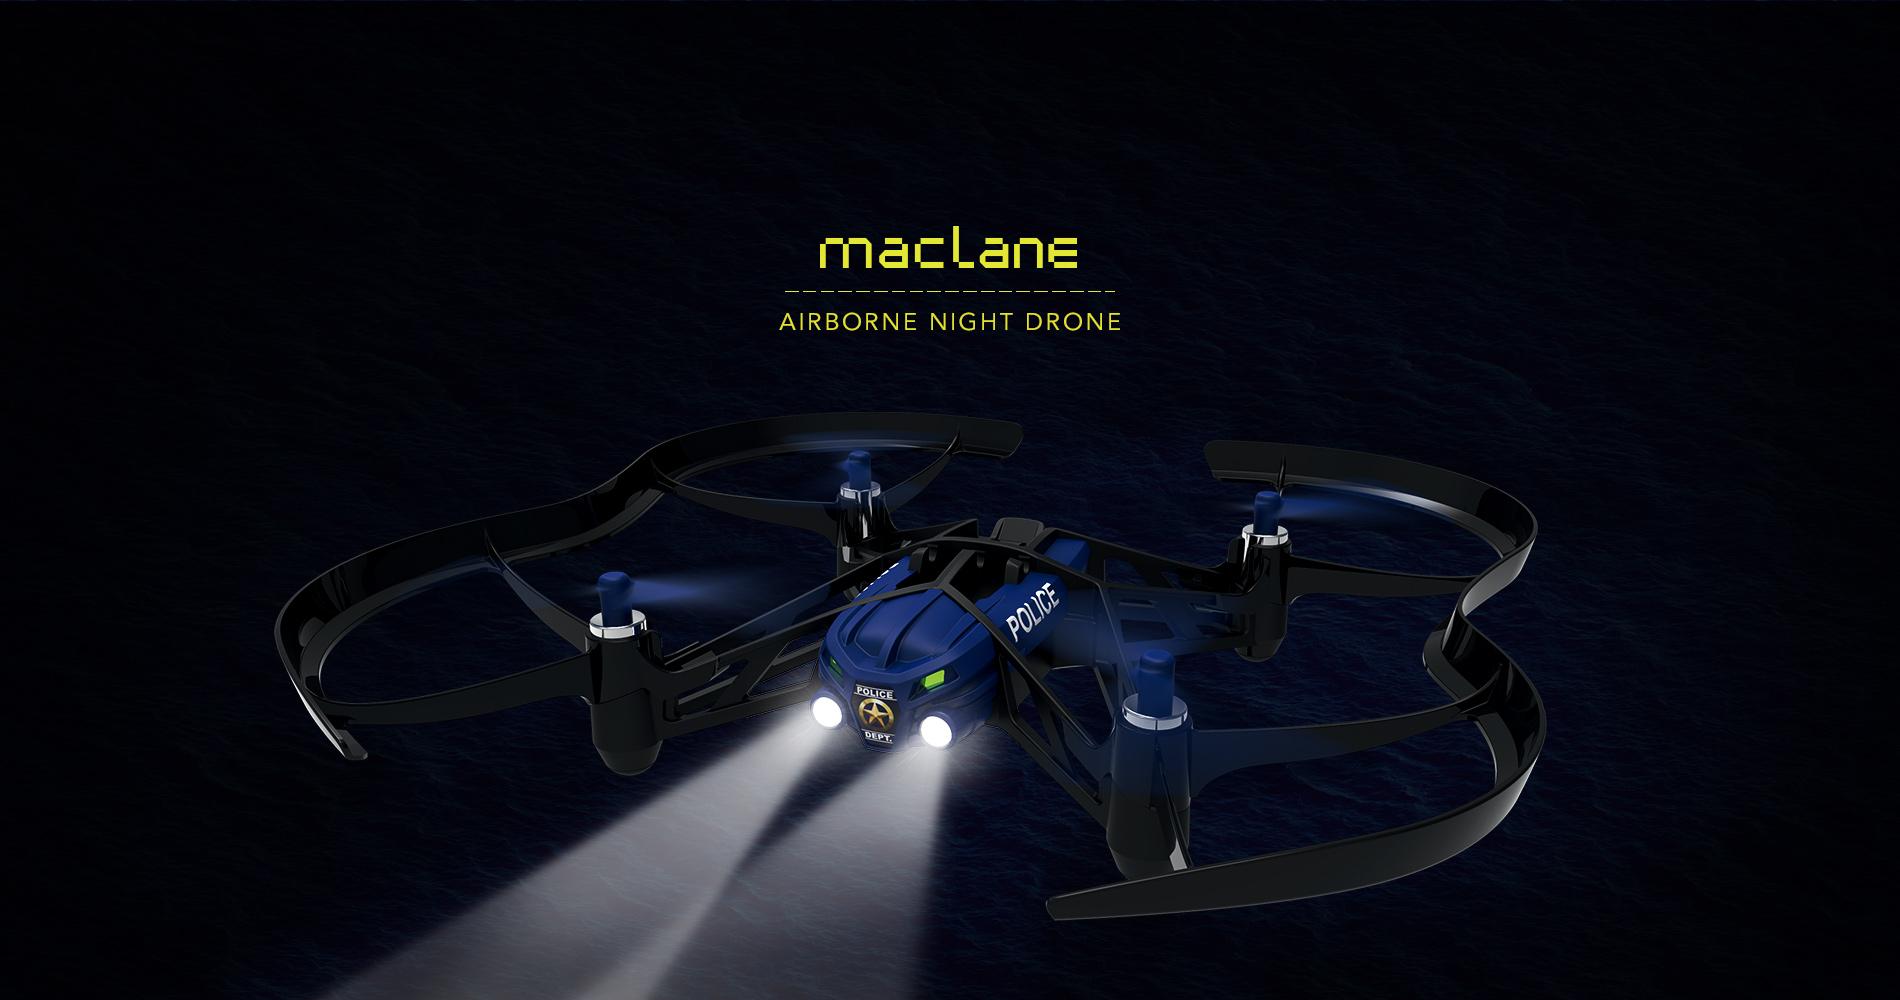 Parrot Airborne Night Drone Maclane en droneprix.es